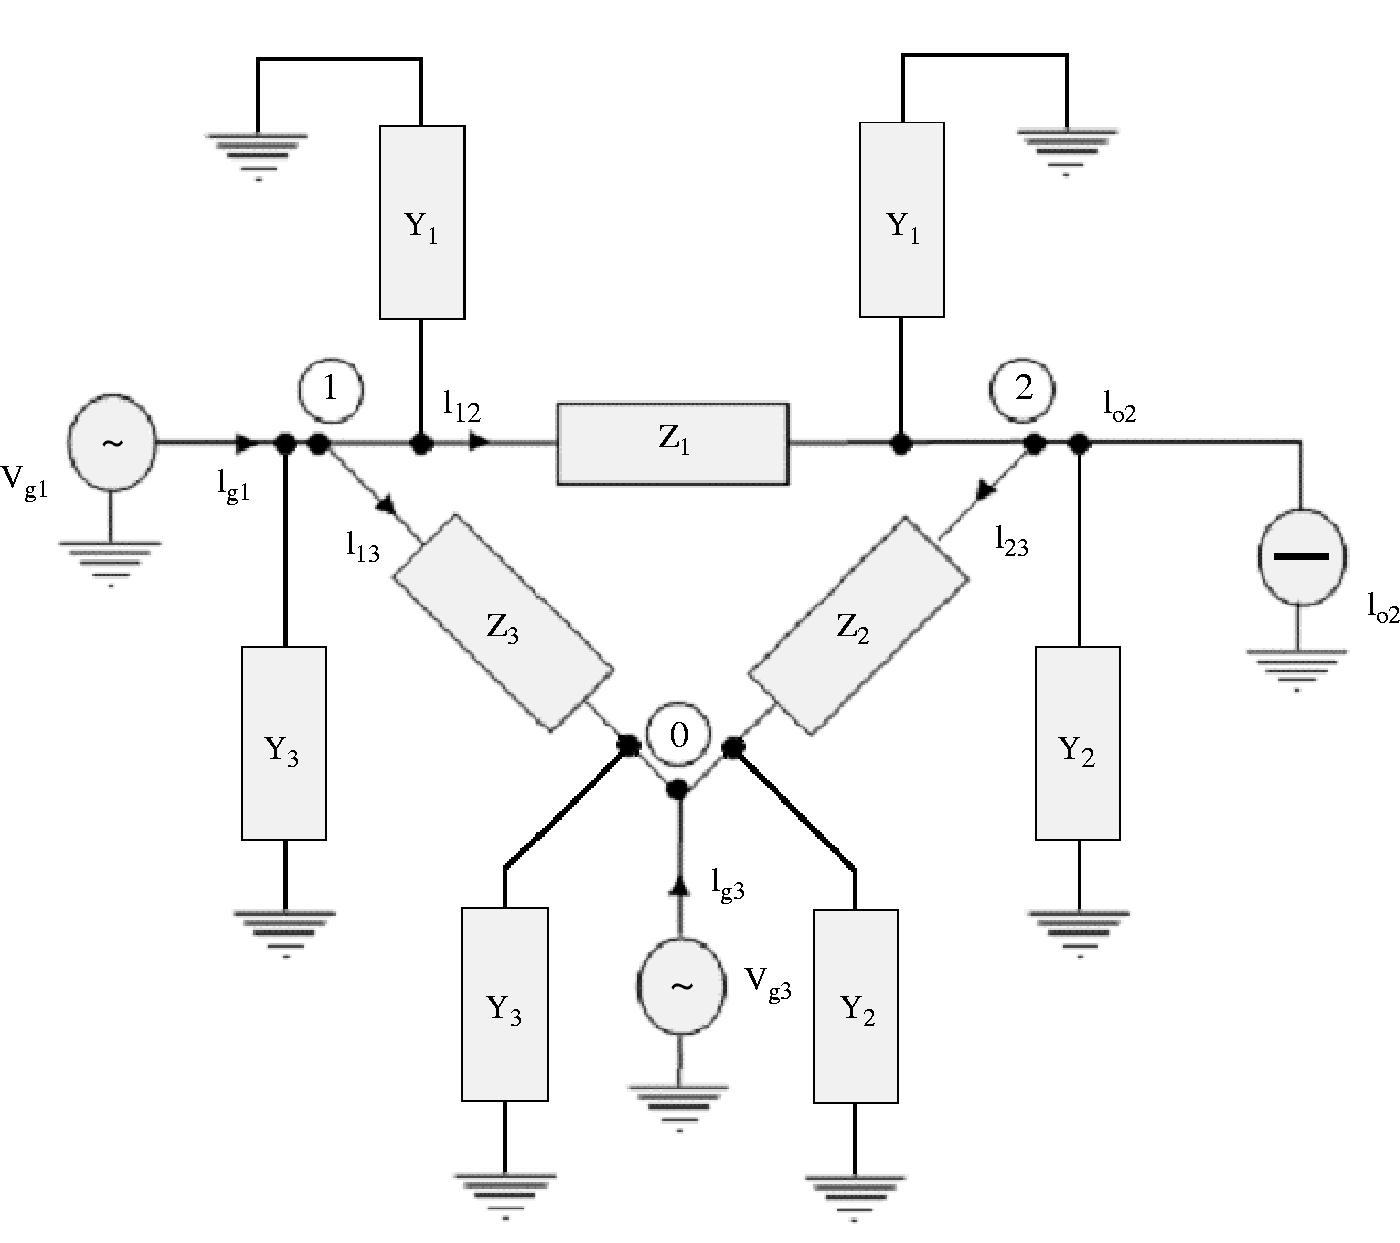 محاسبه ی ماتریس امپدانس سیستم